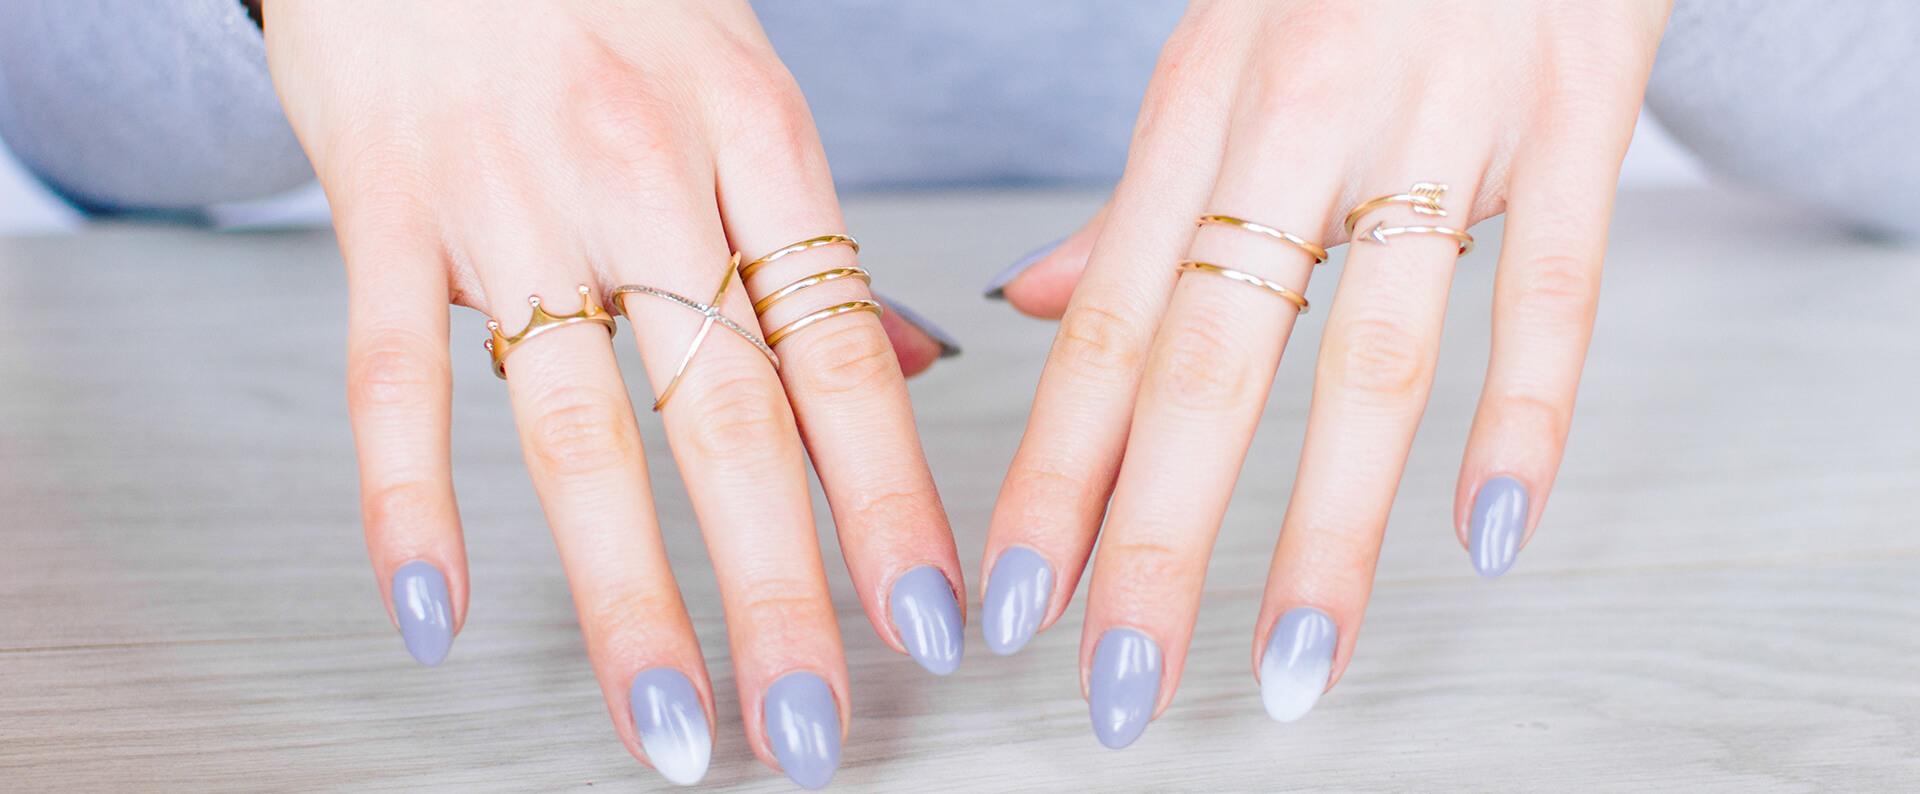 pierścionki na poszczególnych palcach znaczenie symbolika